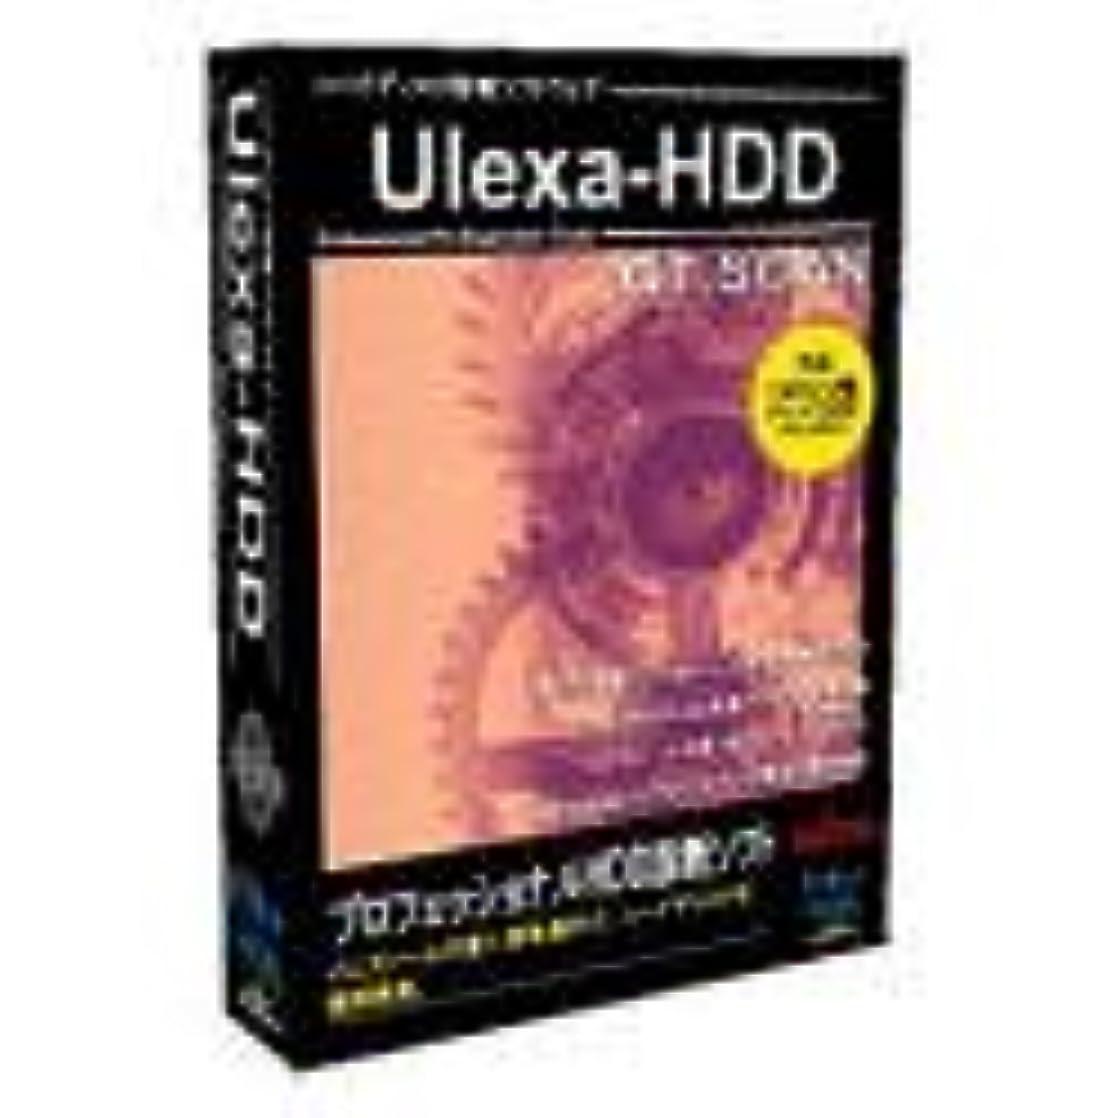 トラック省届けるUlexa-HDD QT_SCAN